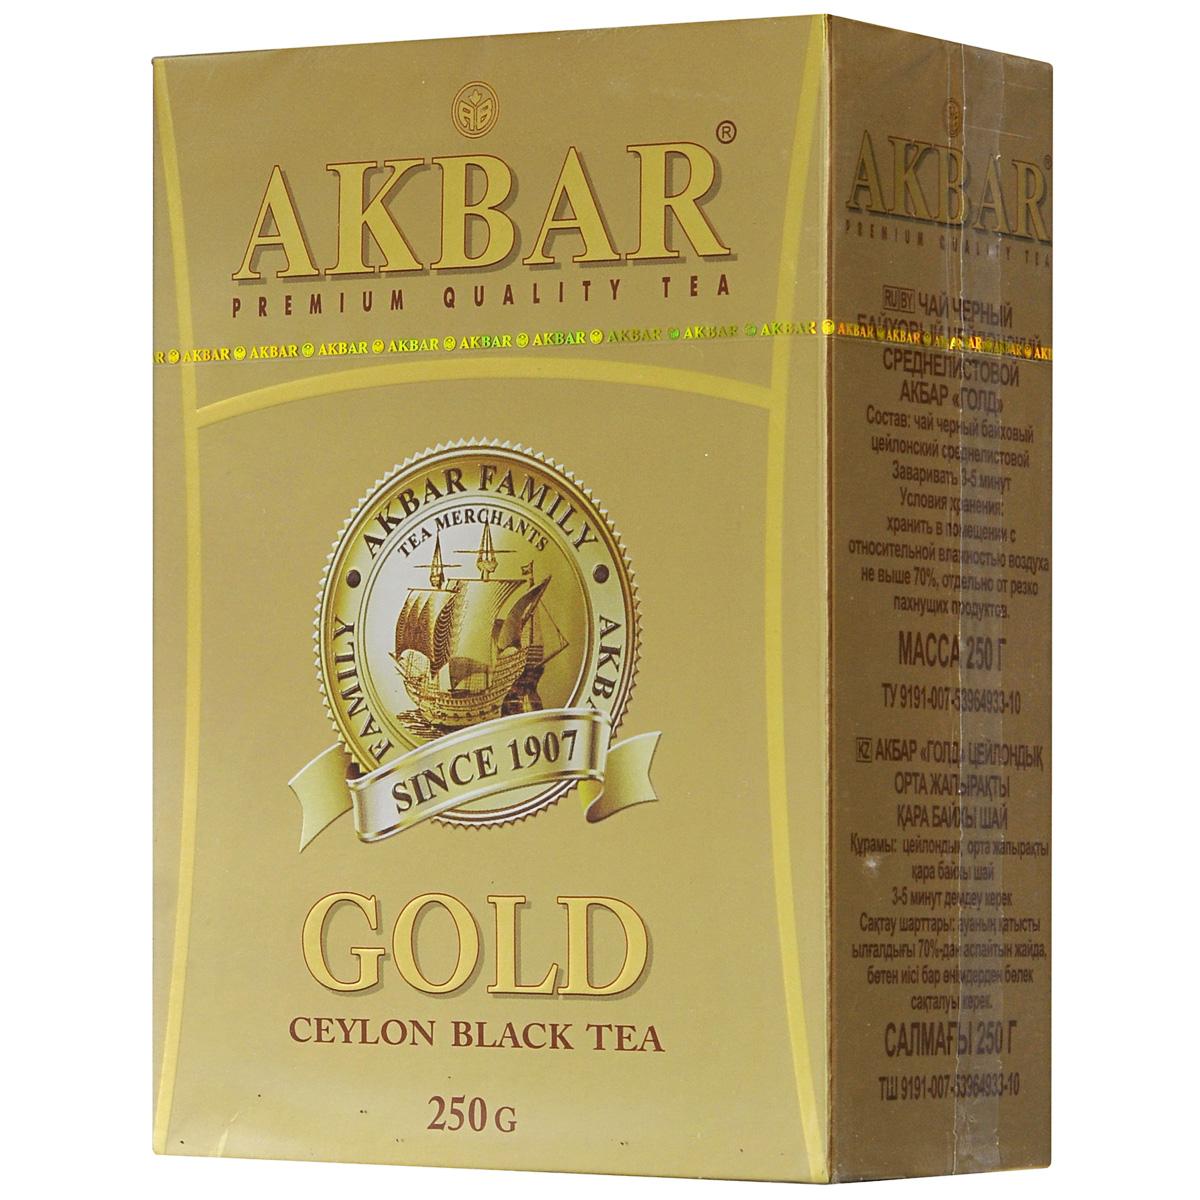 Akbar Gold черный листовой чай, 250 г1043004Купаж Akbar Gold включает в себя лучшие сорта чая, которые выращиваются на горных плантациях расположенной в южной части Цейлона легендарной провинции Ruhuna, на высоте 2000 футов над уровнем моря. Королевство Ruhuna, основанное в 200 году до нашей эры, было важнейшим процветающим культурно-экономическим центром древней цивилизации острова. Идеальный климат и особые плодородные почвы этой области создают великолепные условия для выращивания здесь ароматного черного чая с большим количеством хлорофилла в листьях, который хорошо заваривается и дает крепкий настой яркого цвета с неповторимым терпким вкусом.